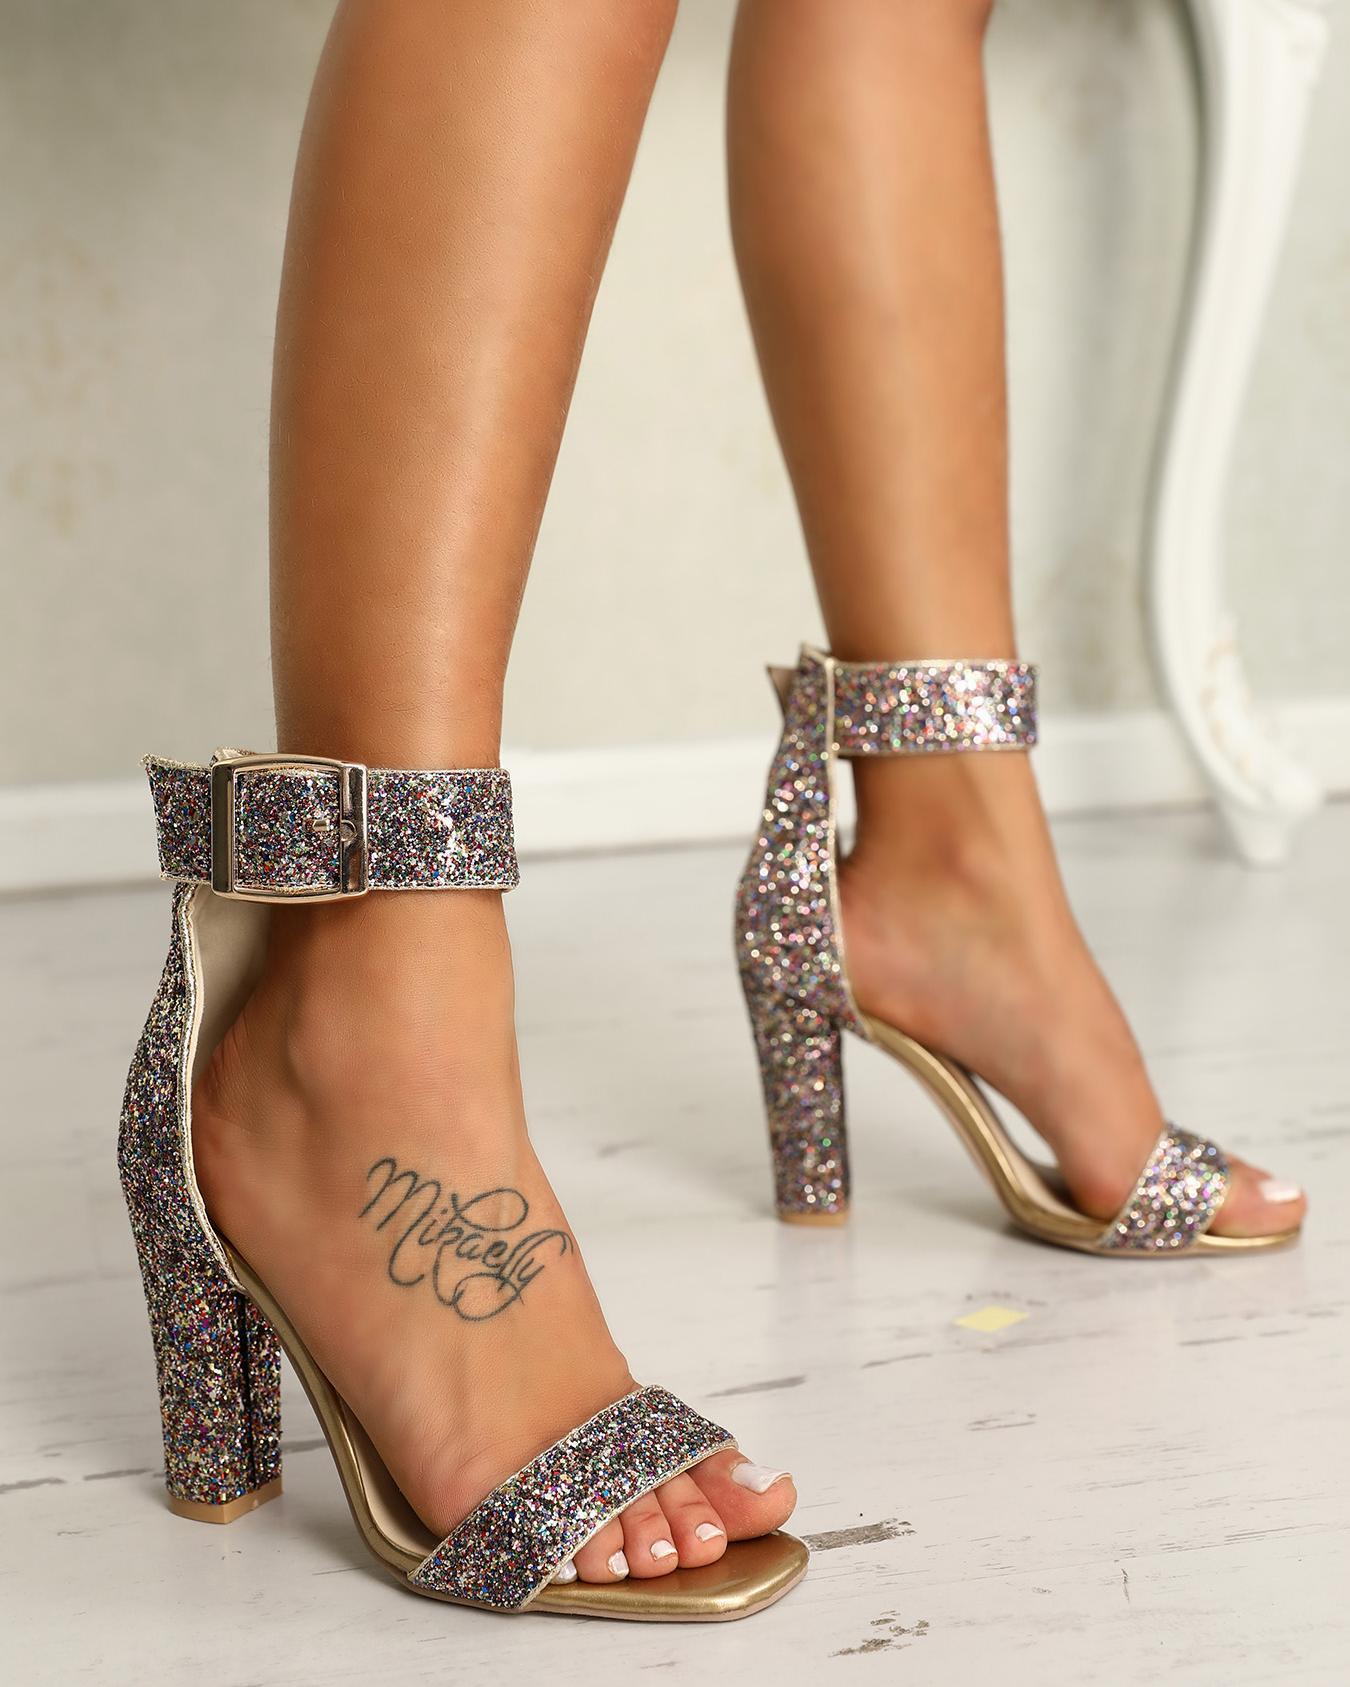 joyshoetique / Stylish Sequin Open Toe Chunky Heeled Sandals